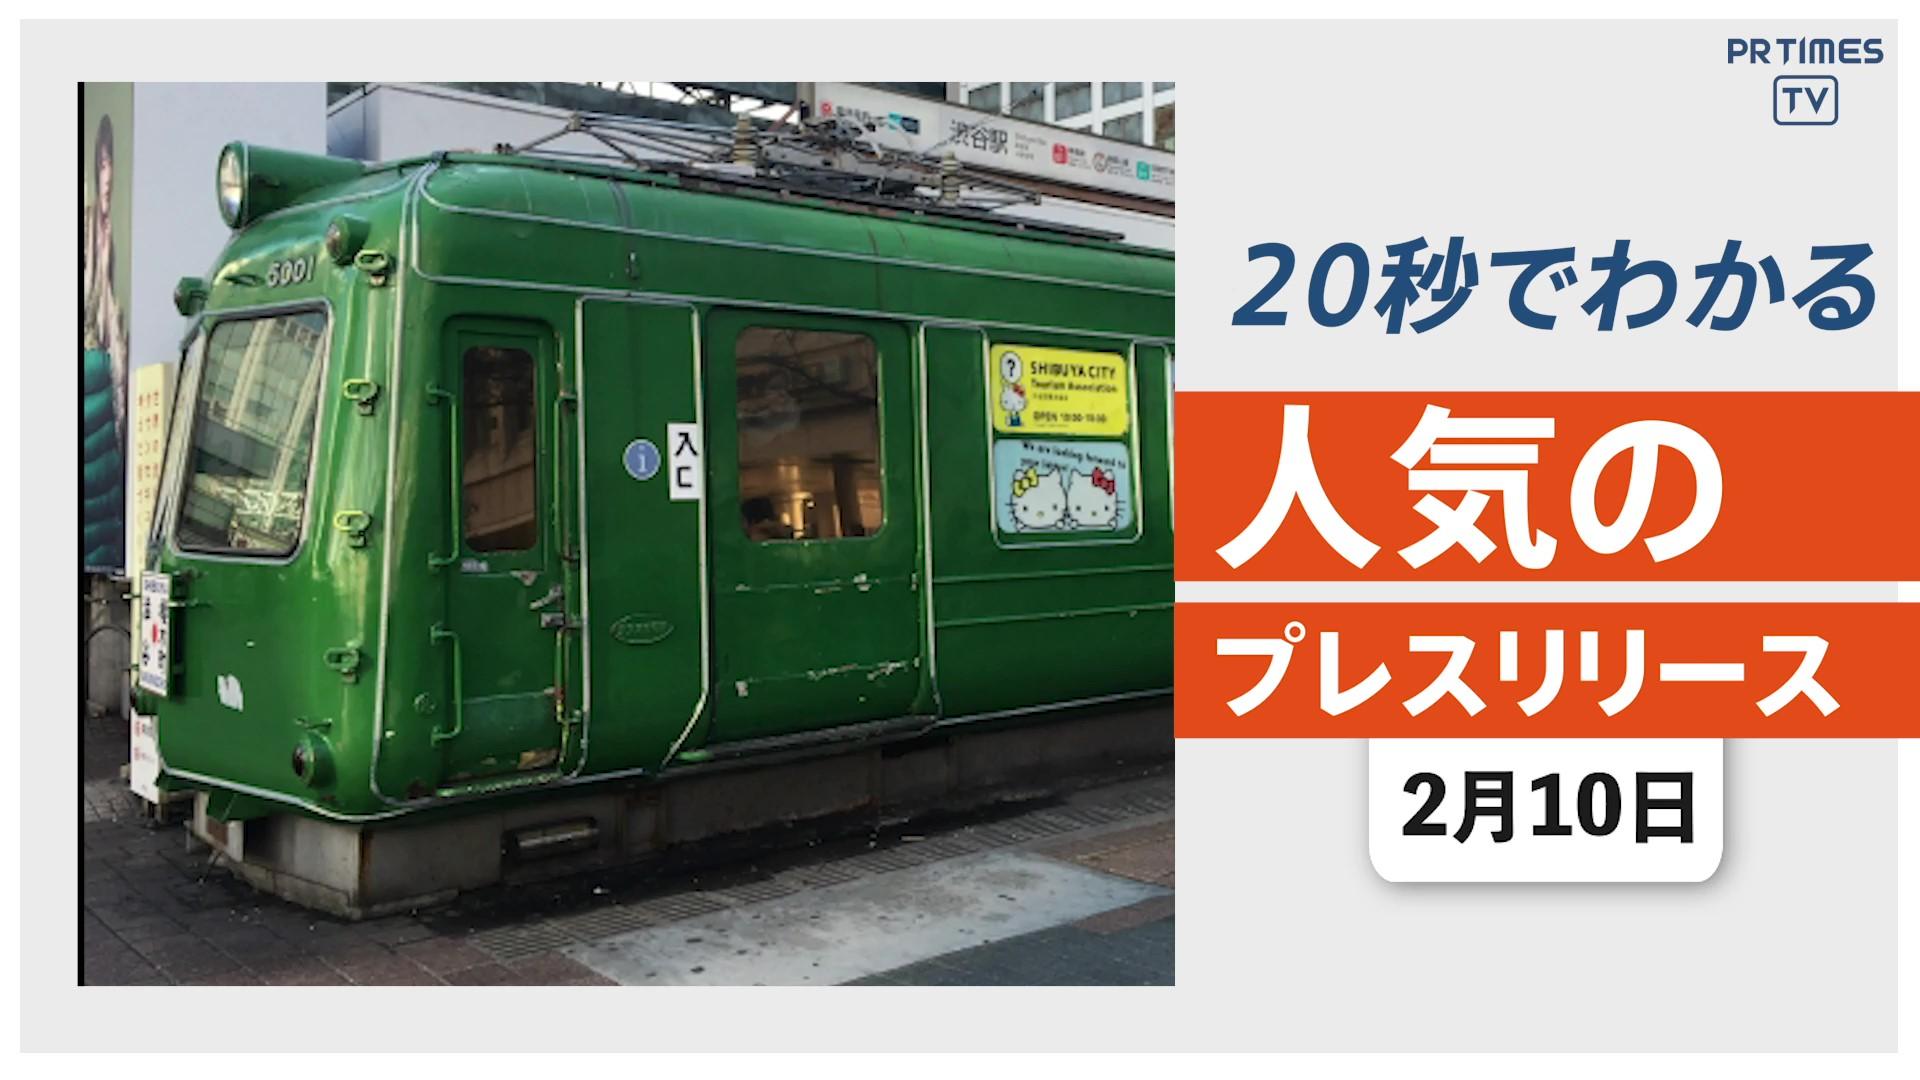 【渋谷の「青ガエル」 ハチ公のふる里へ移設】他、新着トレンド2月10日